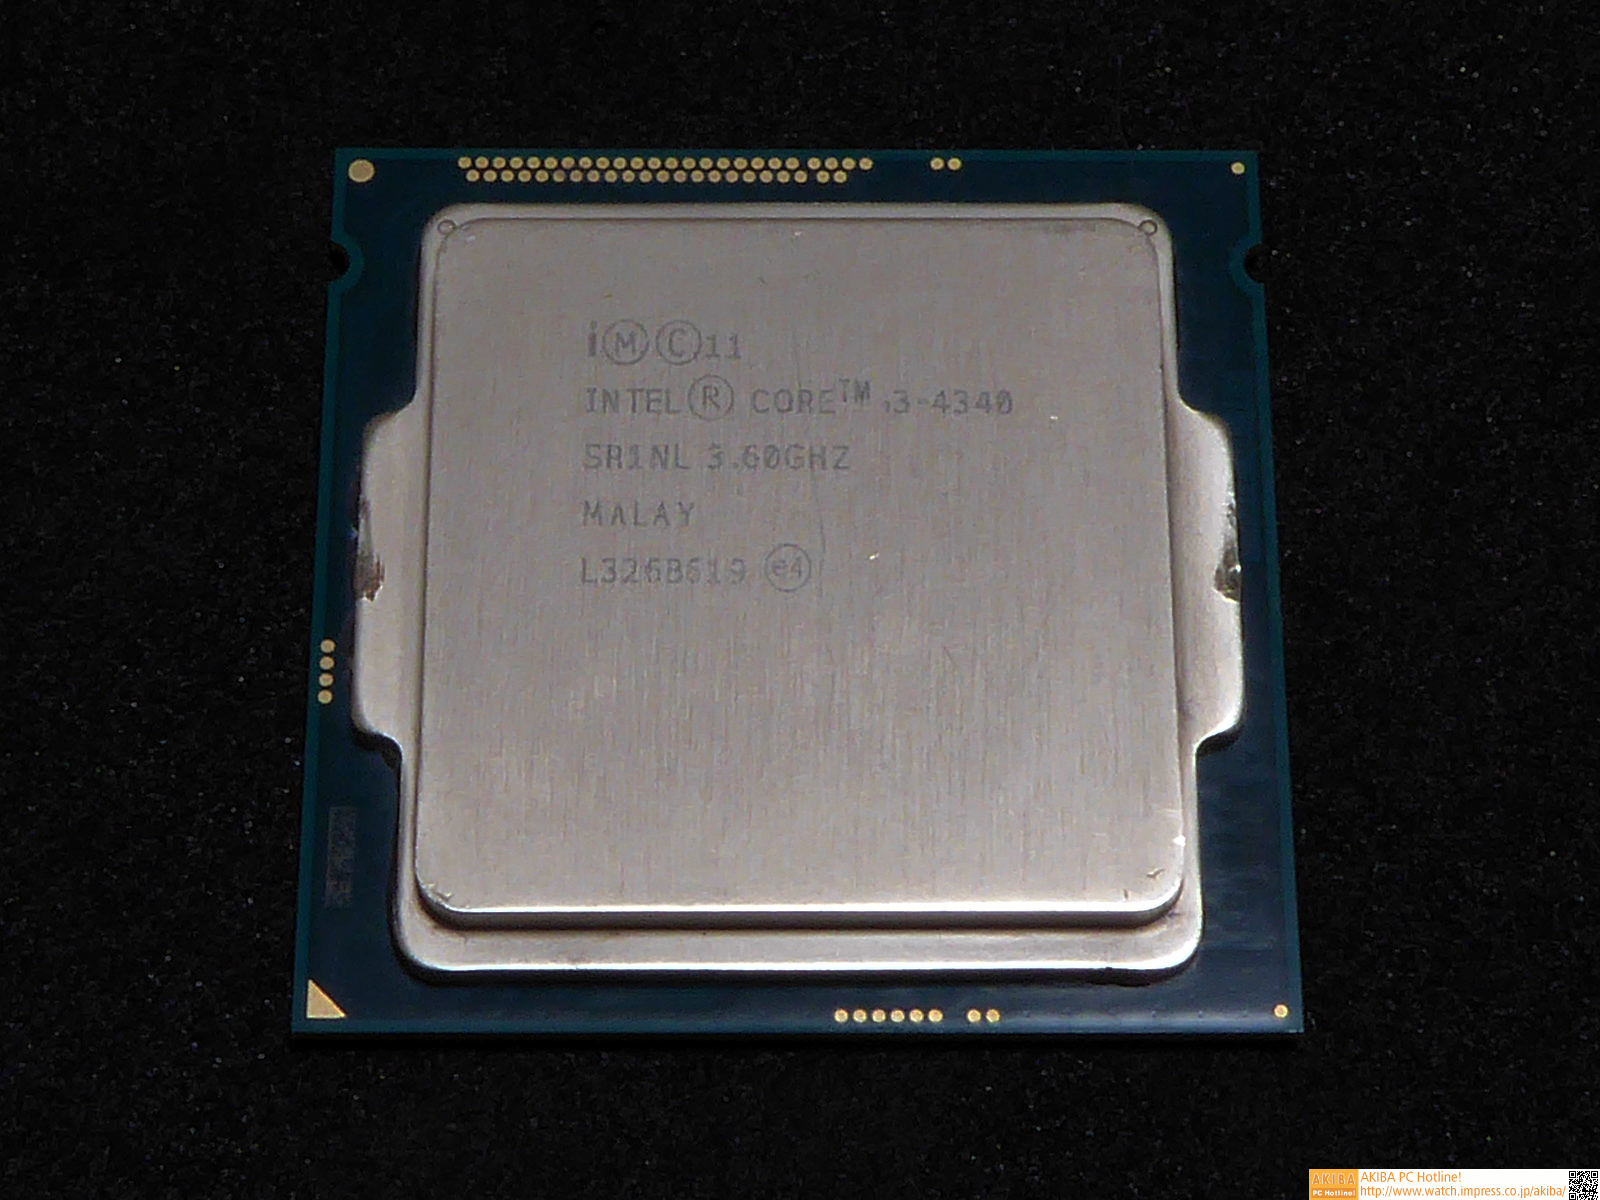 """<strong class="""""""">CPU:Intel <a class="""""""" href=""""http://ark.intel.com/ja/products/77771/Intel-Core-i3-4340-Processor-4M-Cache-3_60-GHz"""">Core i3-4340</a></strong><br class="""""""">Intelの第4世代CoreマイクロアーキテクチャベースのデュアルコアCPU。デュアルコアではあるが、Hyper-Threading Technologyによって4スレッドの同時実行が可能となっている。また、動作クロックが3.6GHzと高めに設定されているため、シングルスレッド性能には期待が持てる"""